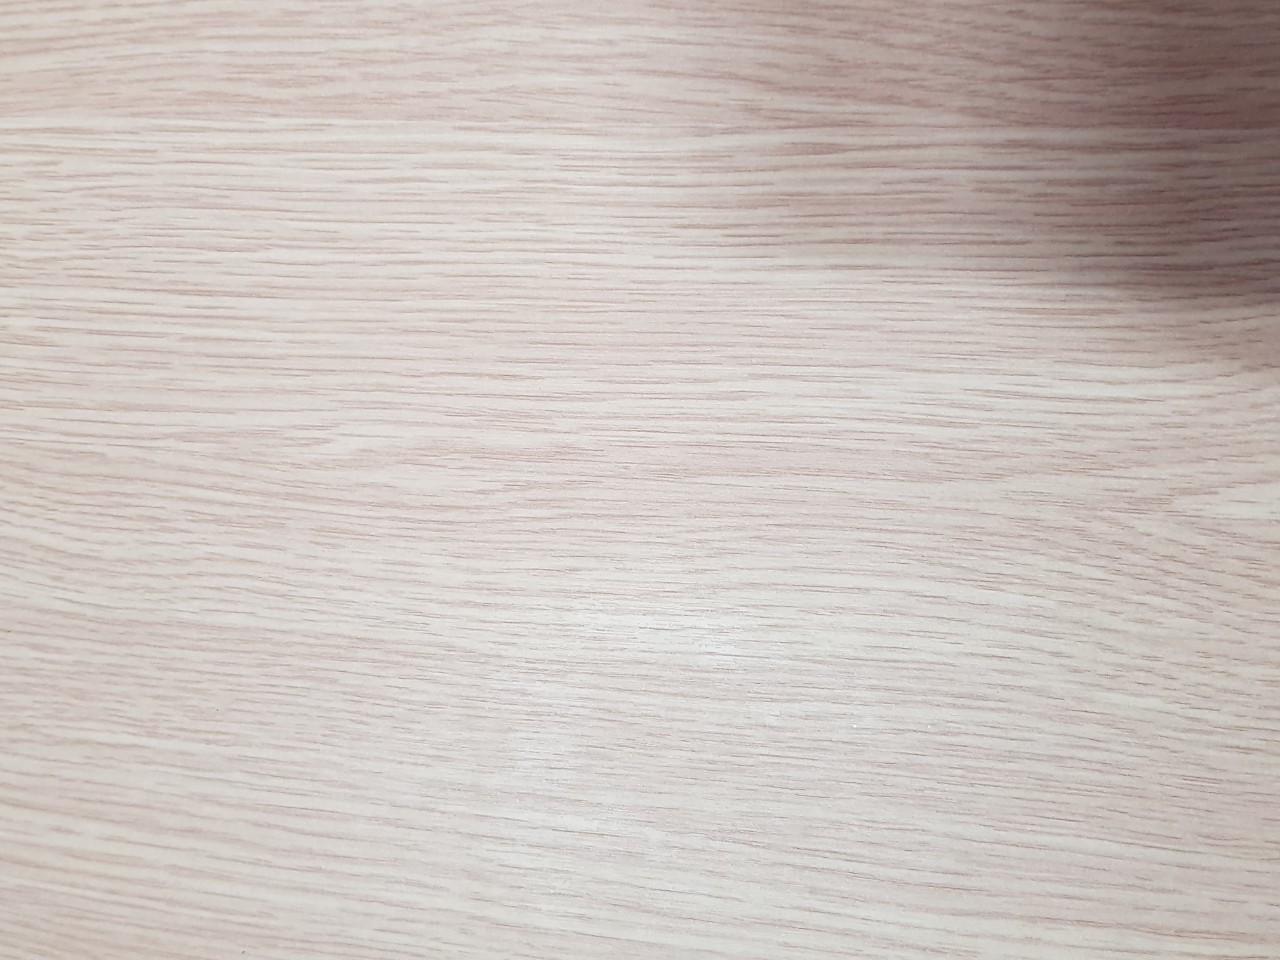 Mặt bàn gỗ bàn chân sắt mnr101 được phủ 1 lớp melamine chống dính, mối mọt